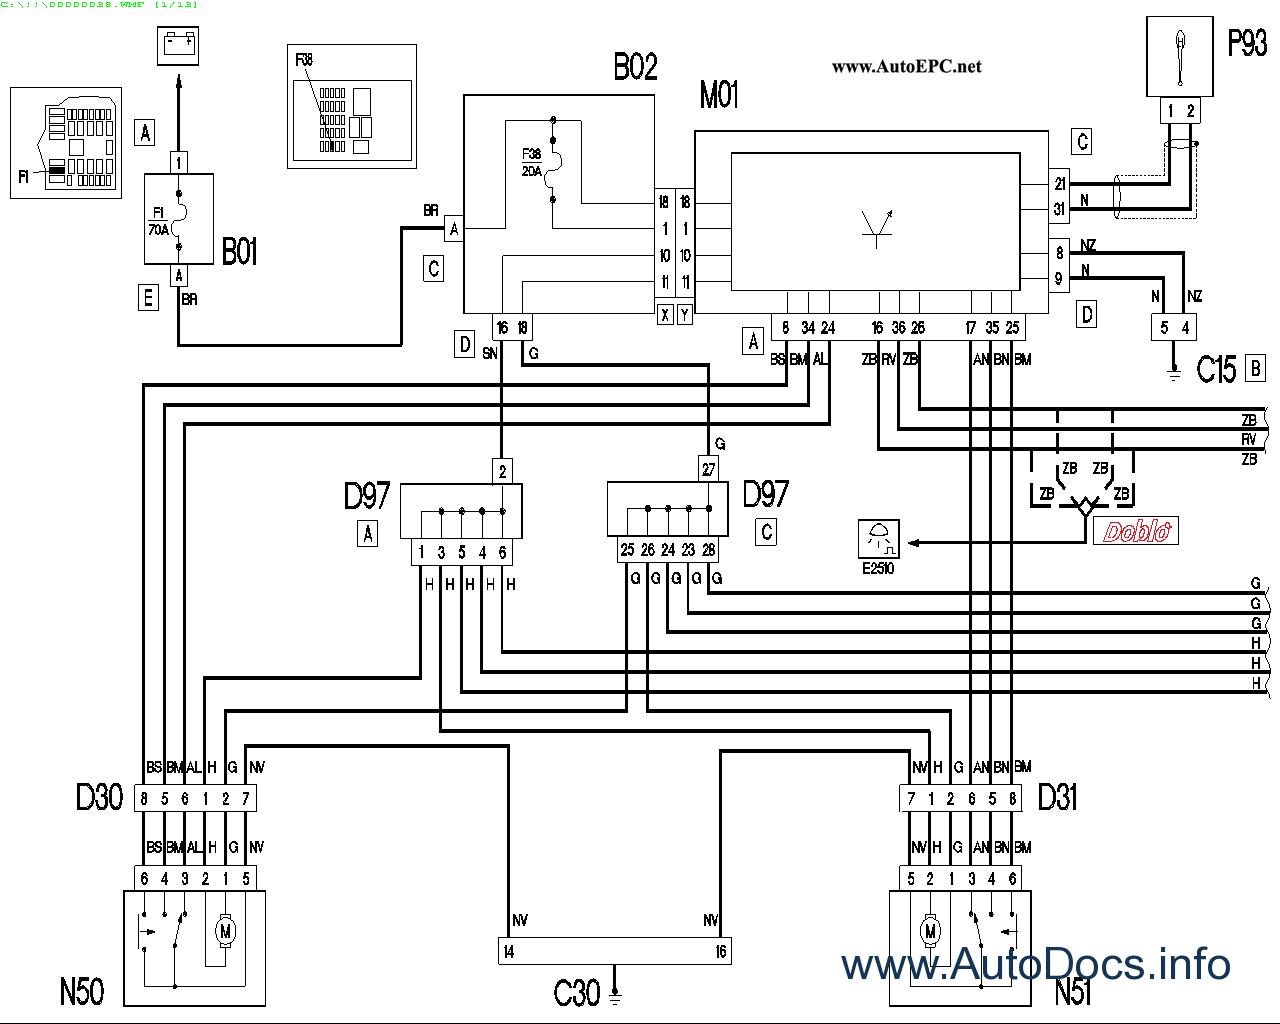 fiat doblo radio wiring diagram fiat doblo cargo wiring diagram fiat doblo & doblo cargo repair manual order & download